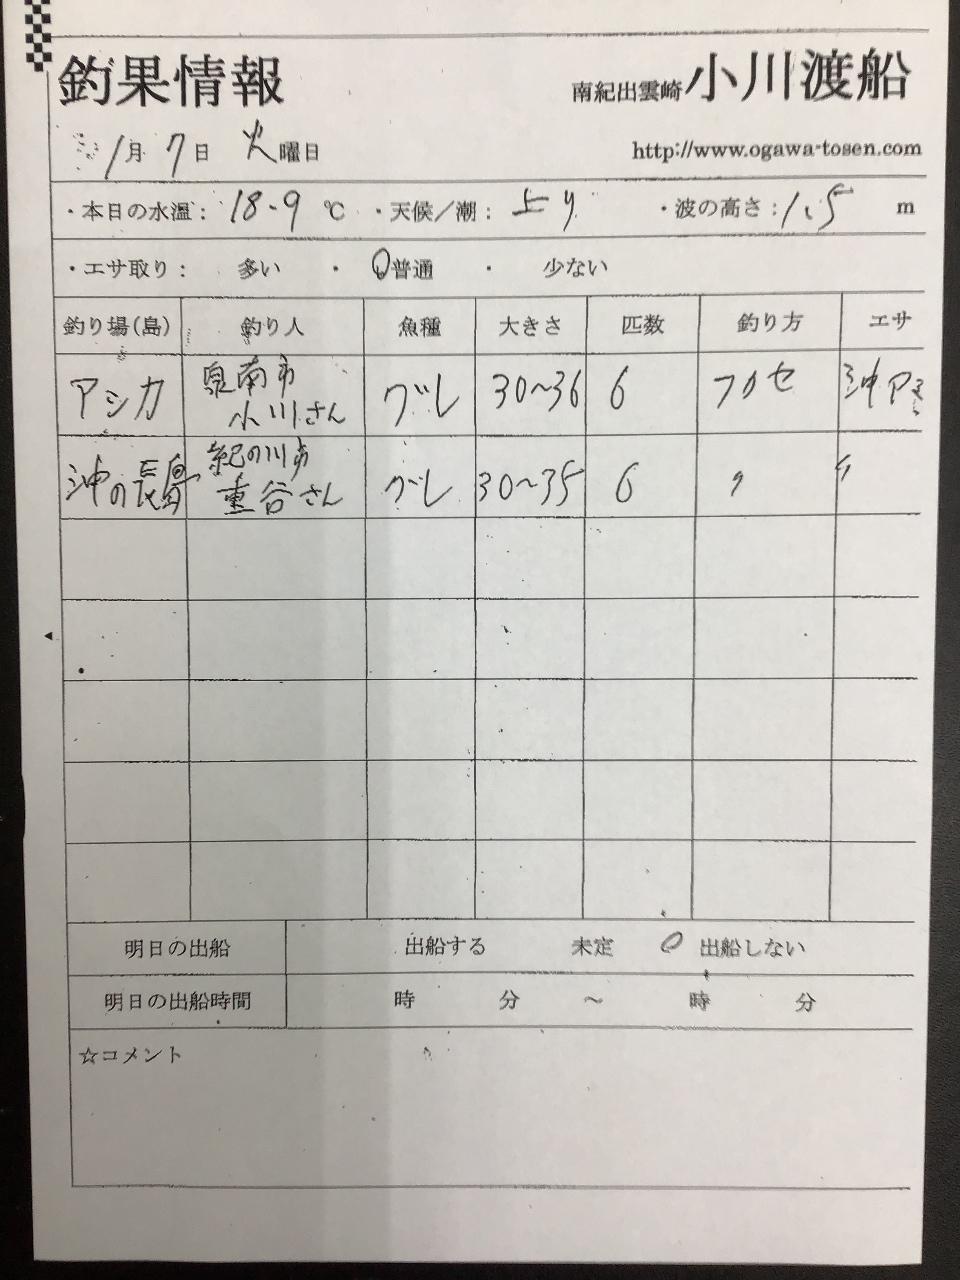 1/7串本出雲 小川渡船さん釣果